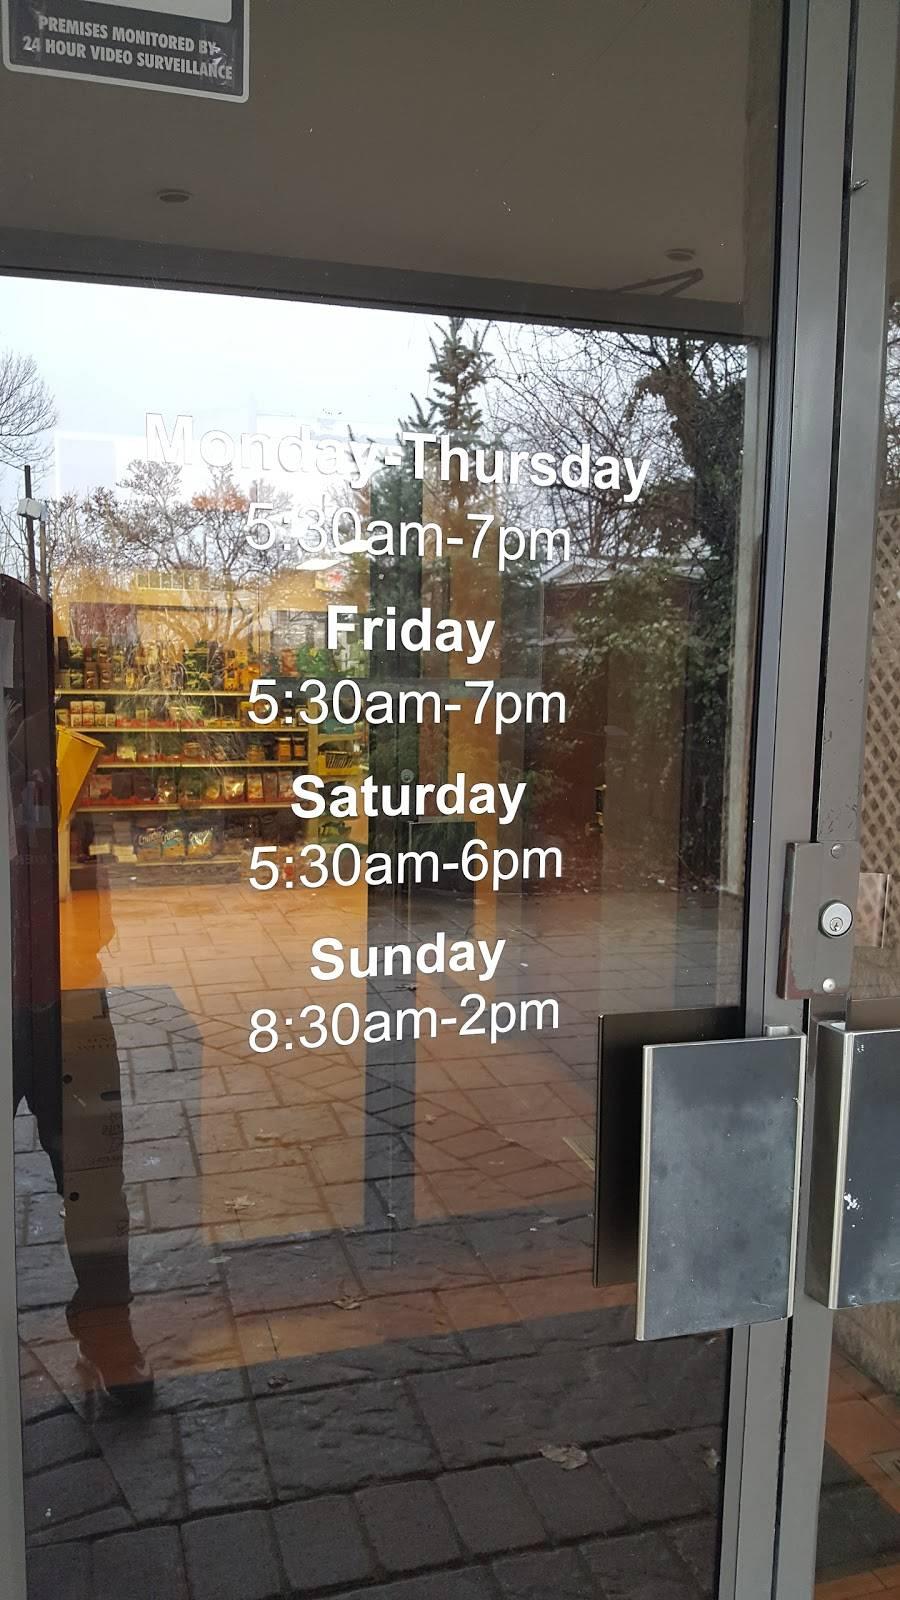 SUPER DELIKATESY POLISH STORE | restaurant | 1217 Brunswick Ave, Lawrenceville, NJ 08648, USA